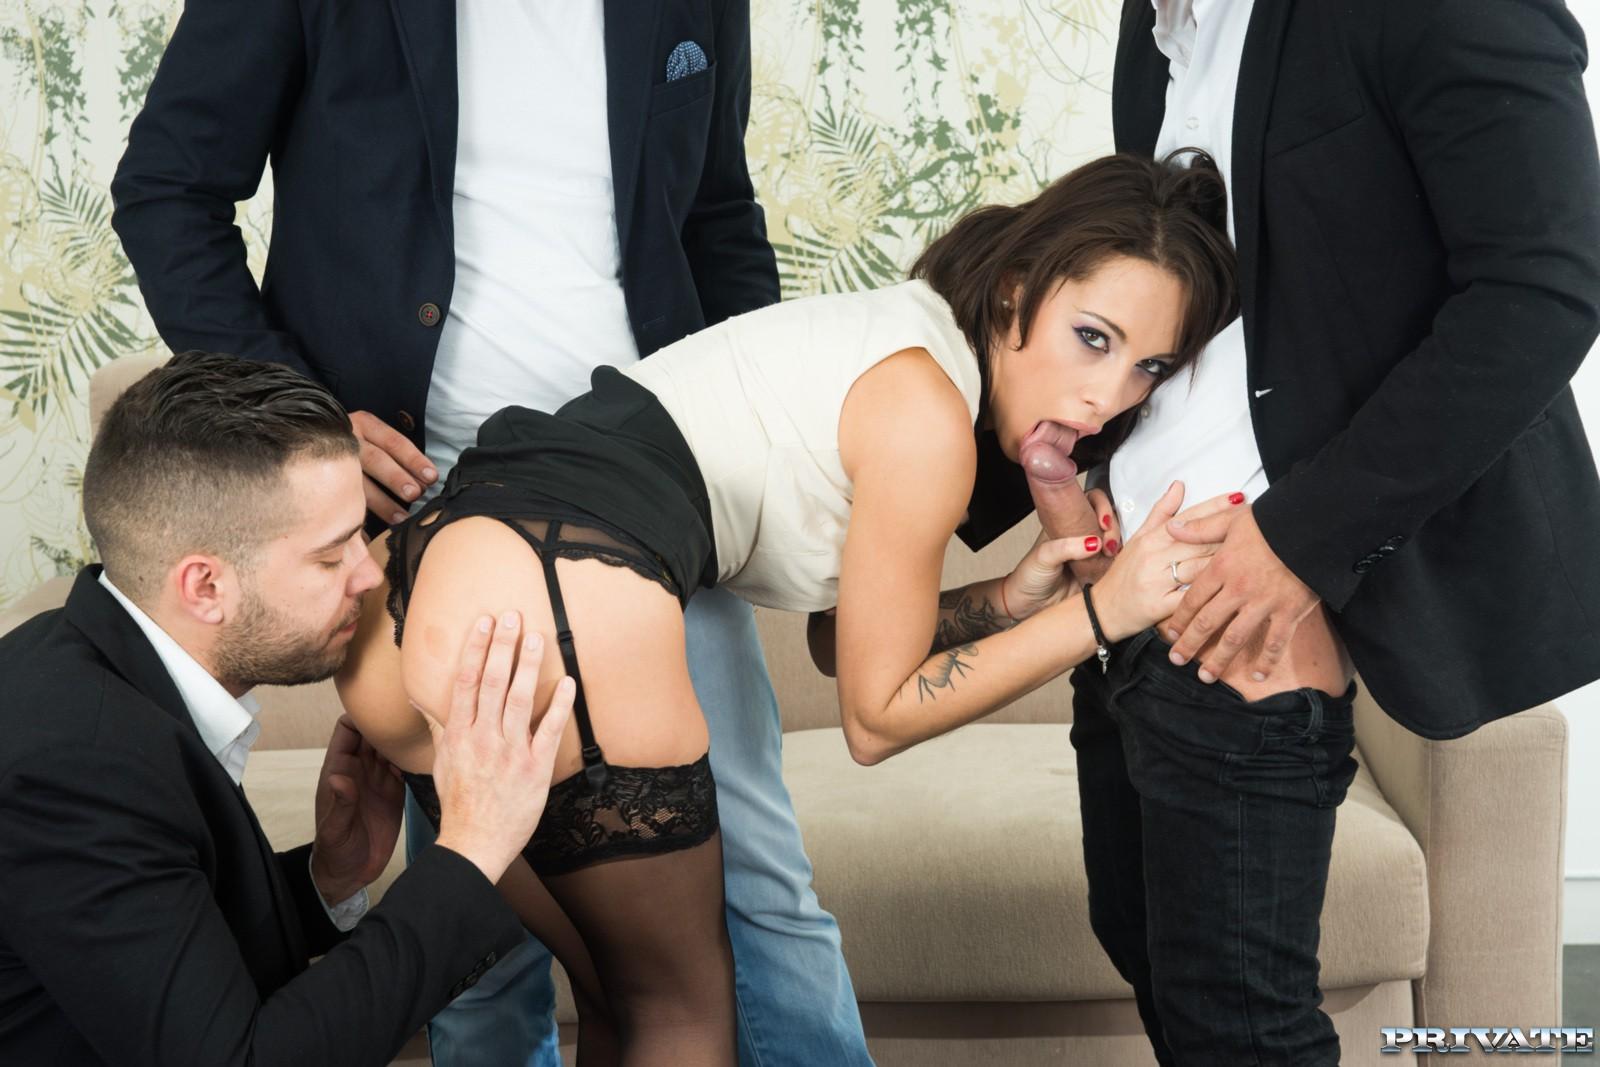 Nikita Bellucci y 3 vergas para todos sus agujeros